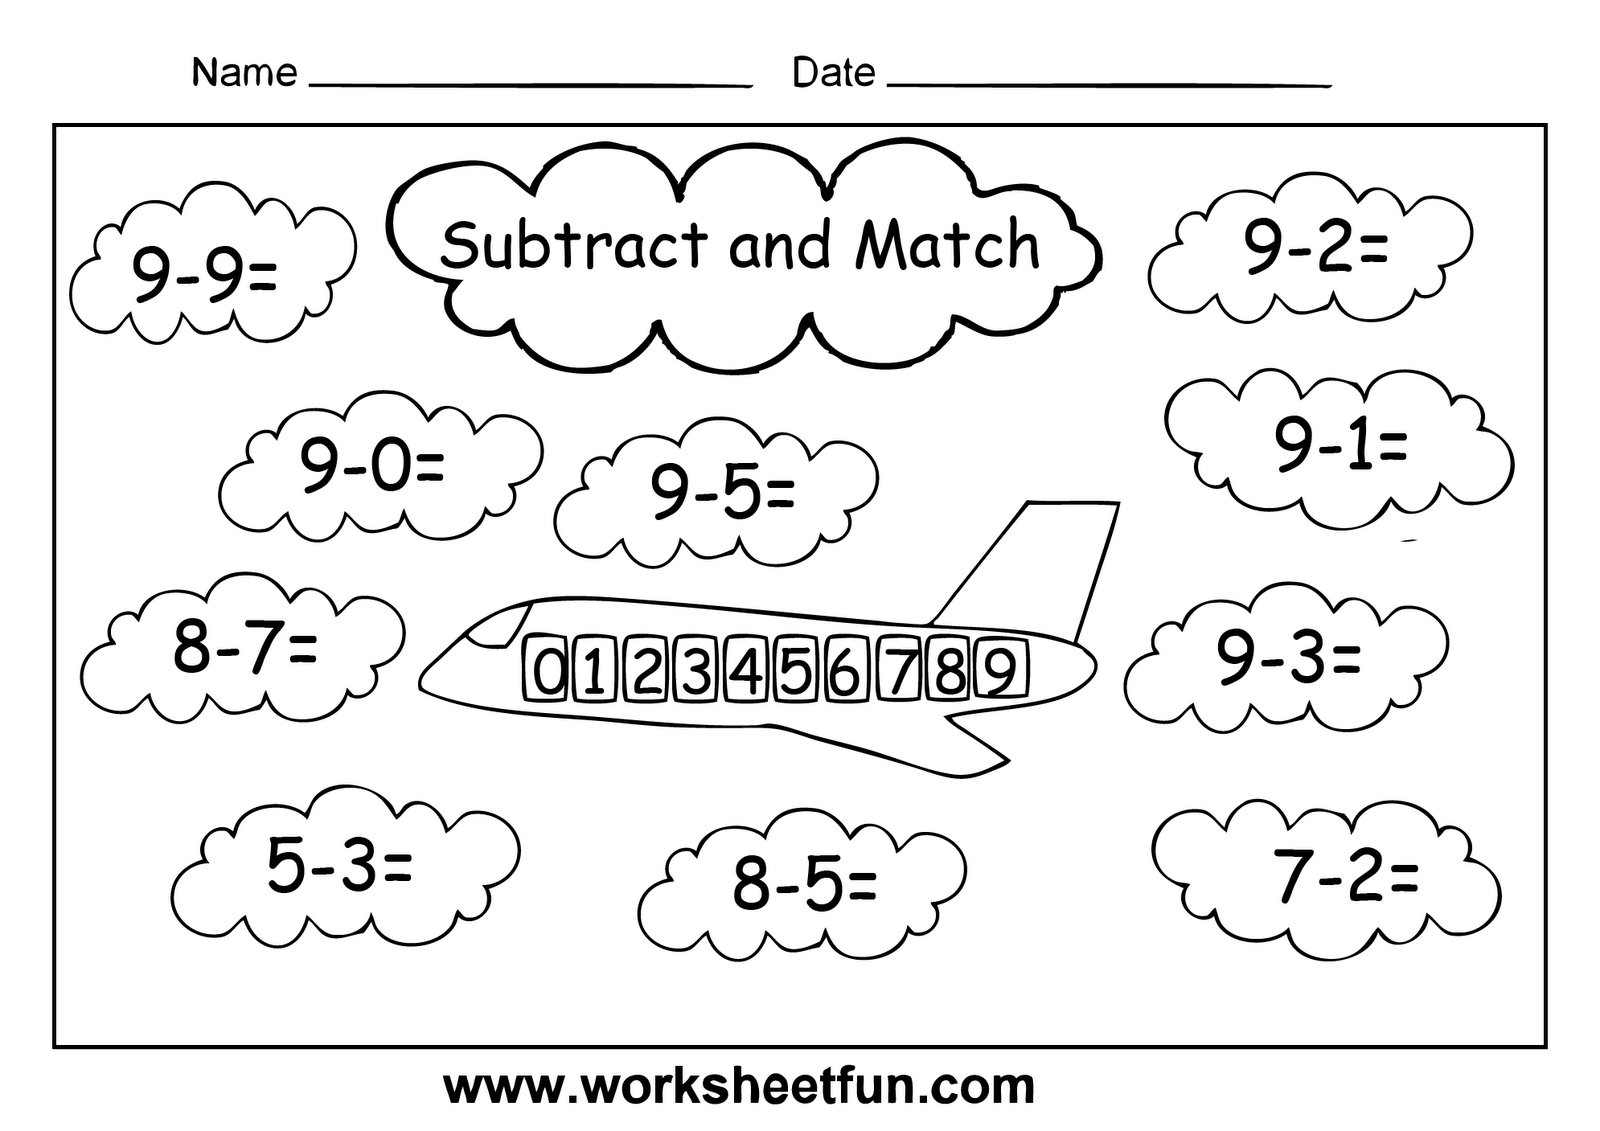 Worksheetfun - FREE PRINTABLE WORKSHEETS   1st grade math worksheets [ 1131 x 1600 Pixel ]